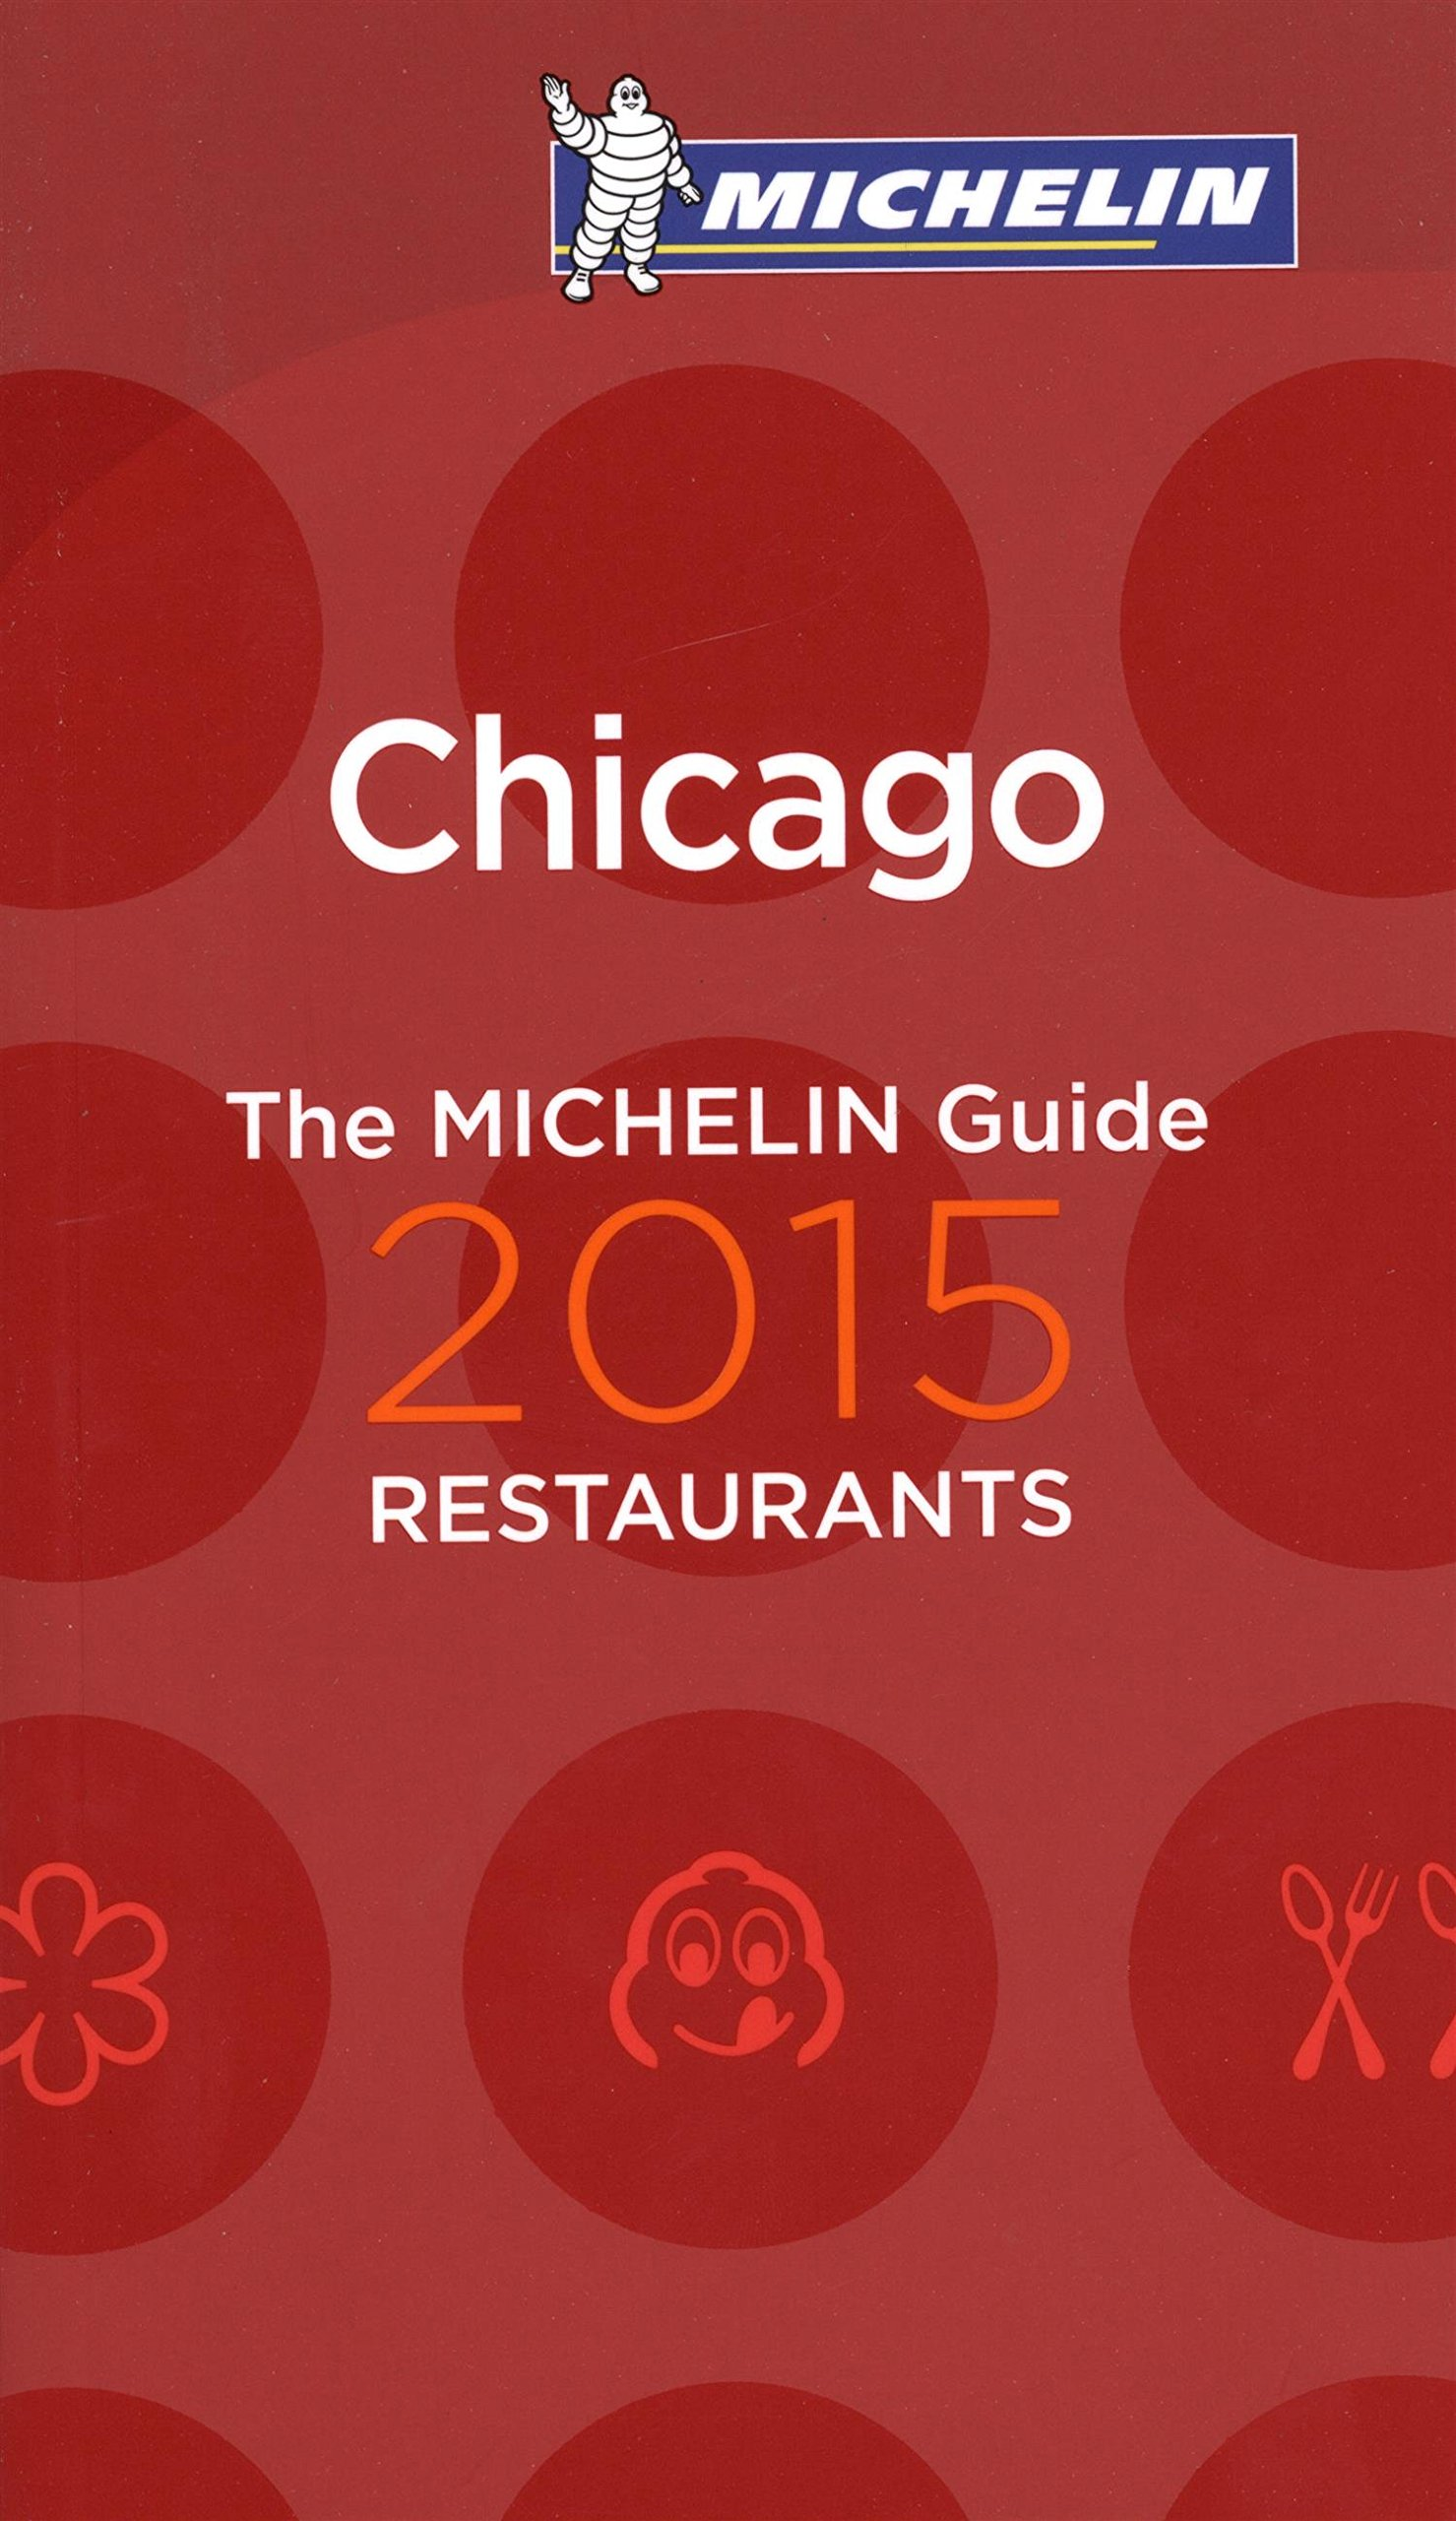 MICHELIN Guide Chicago 2015 (Michelin Red Guide) PDF